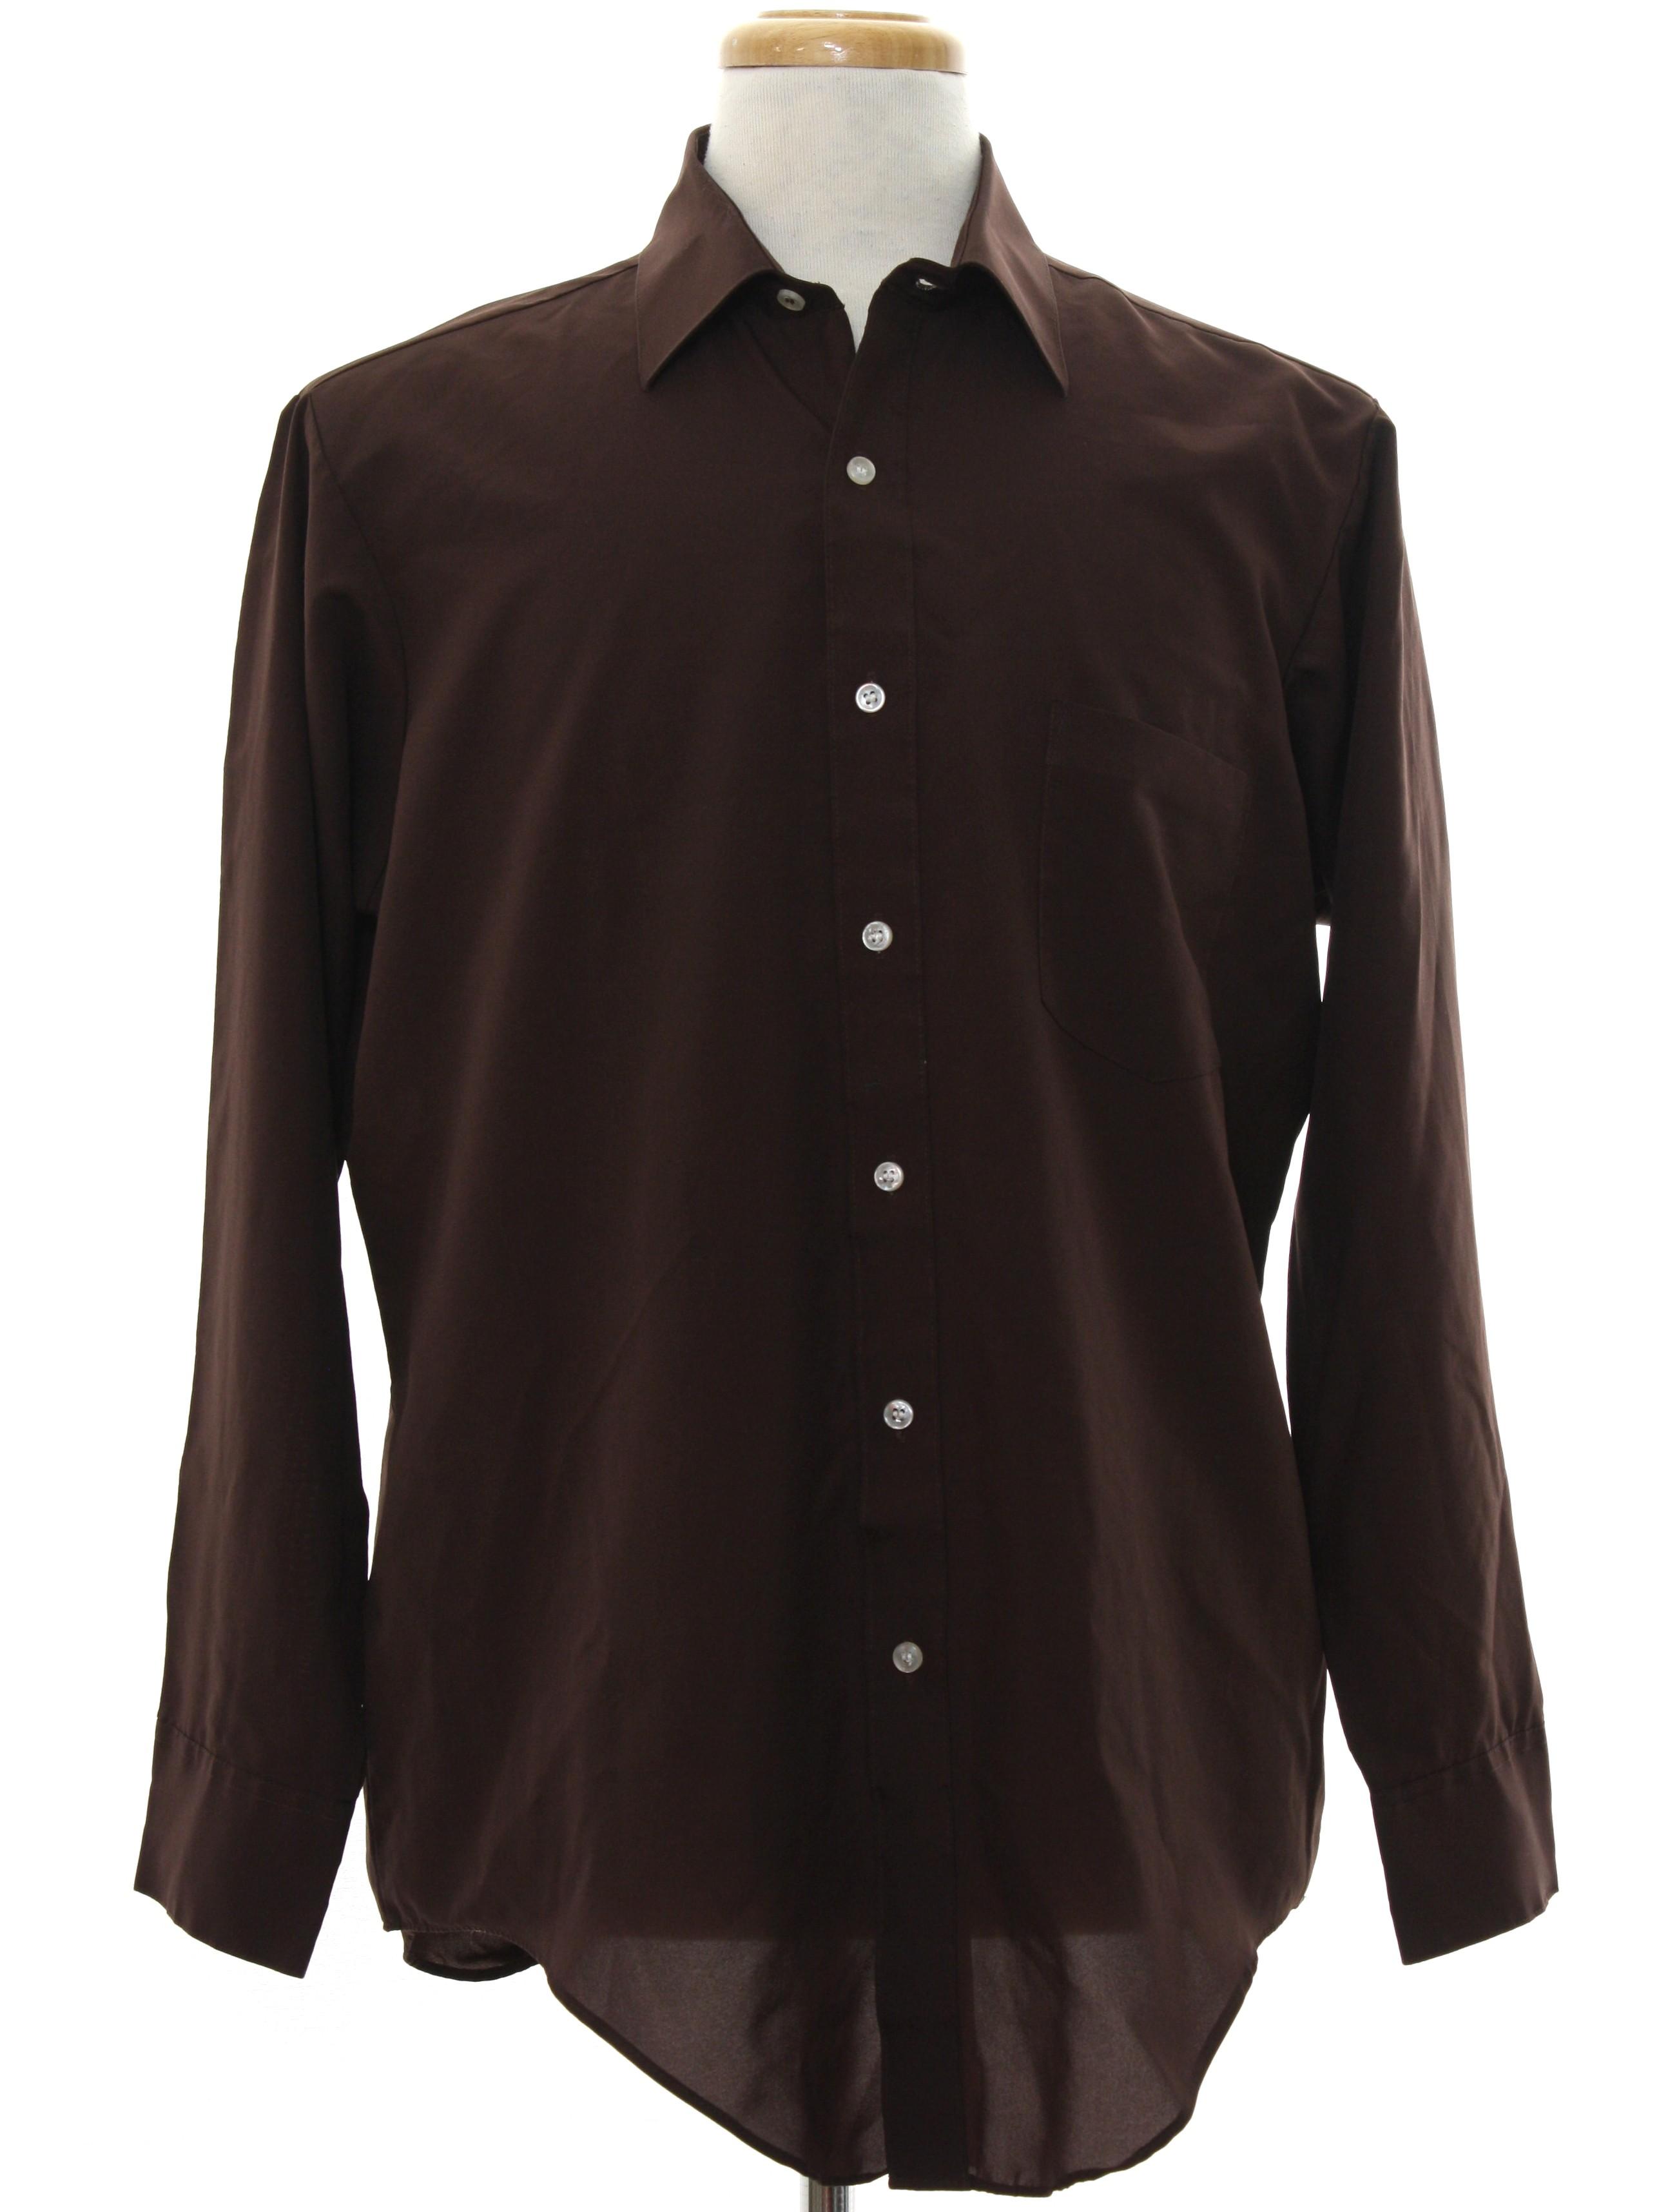 70s disco shirt van heusen 70s van heusen mens dark for Solid color button up shirts